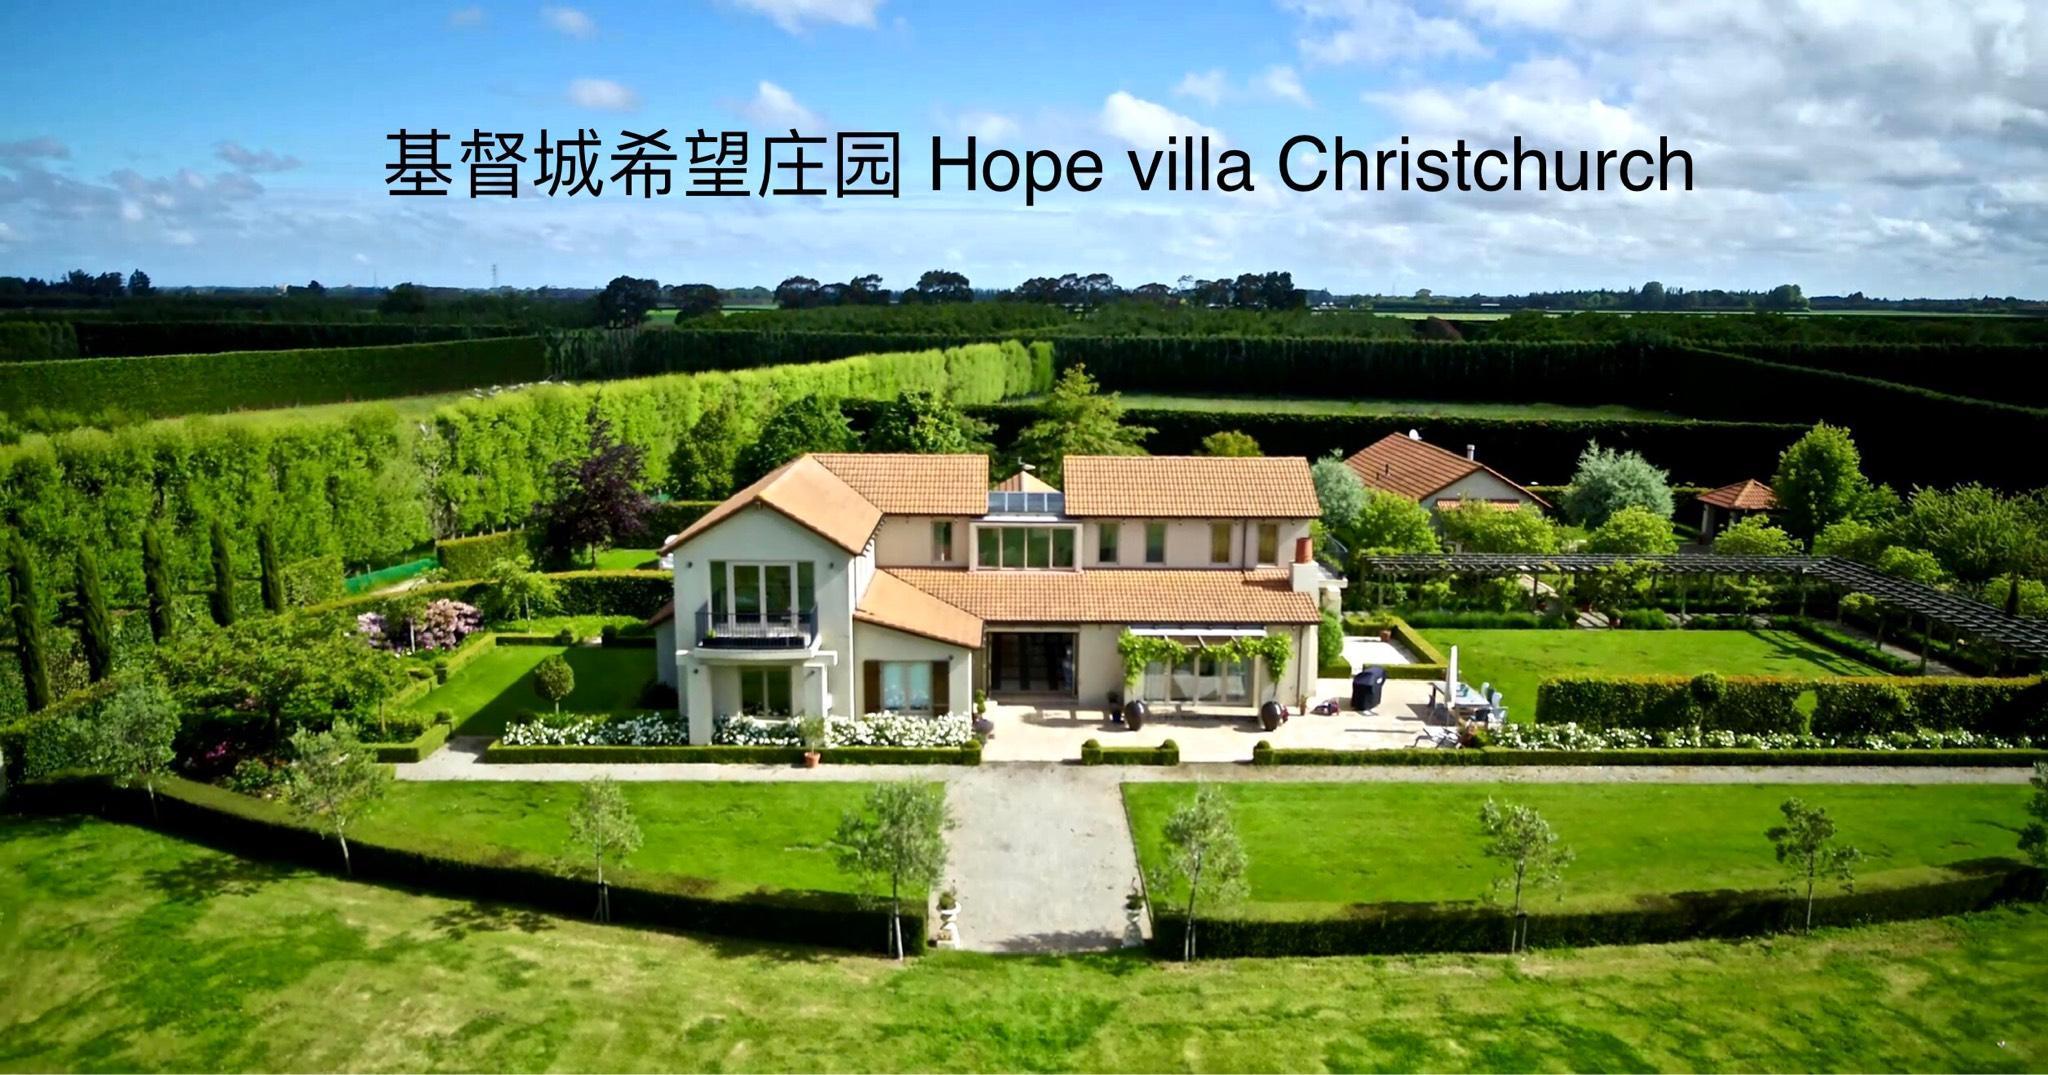 Hope Villa